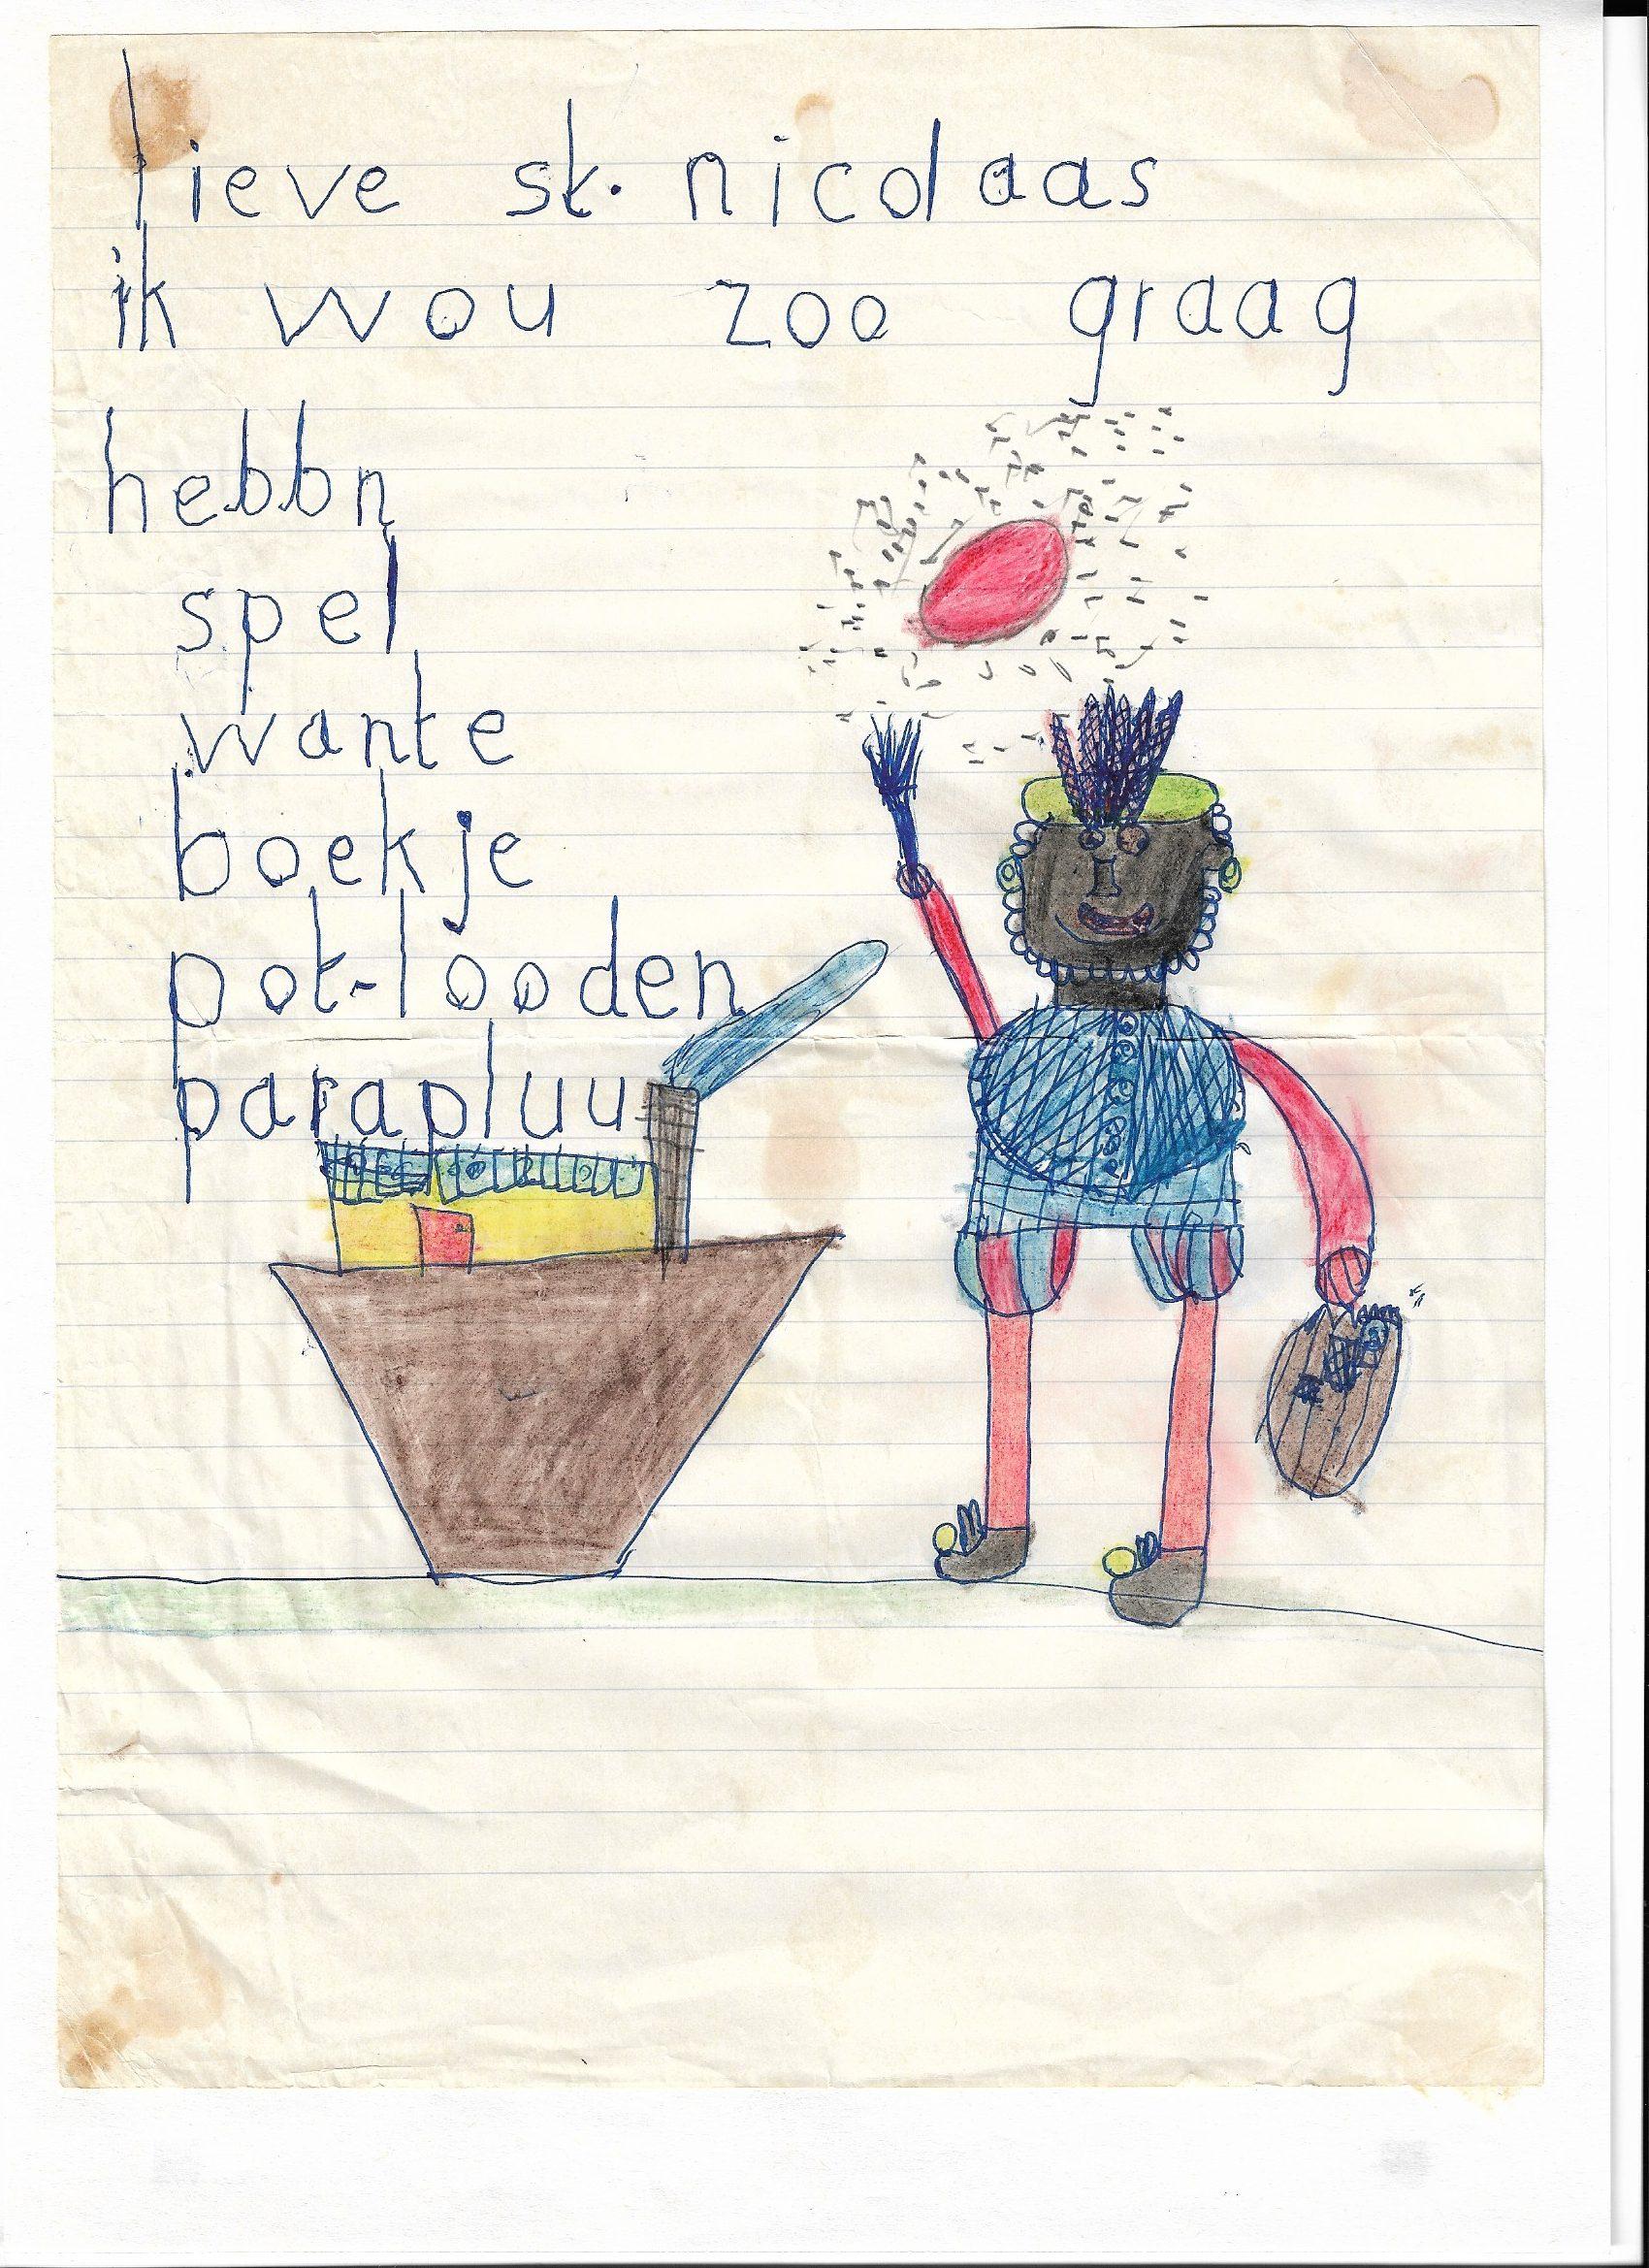 Sint Nicolaasfeest. Op 4 december zette ik als kind mijn schoen en stopte daarin een briefje met daarop mijn wensen. Ik was 5 jaar toen ik dit briefje schreef.